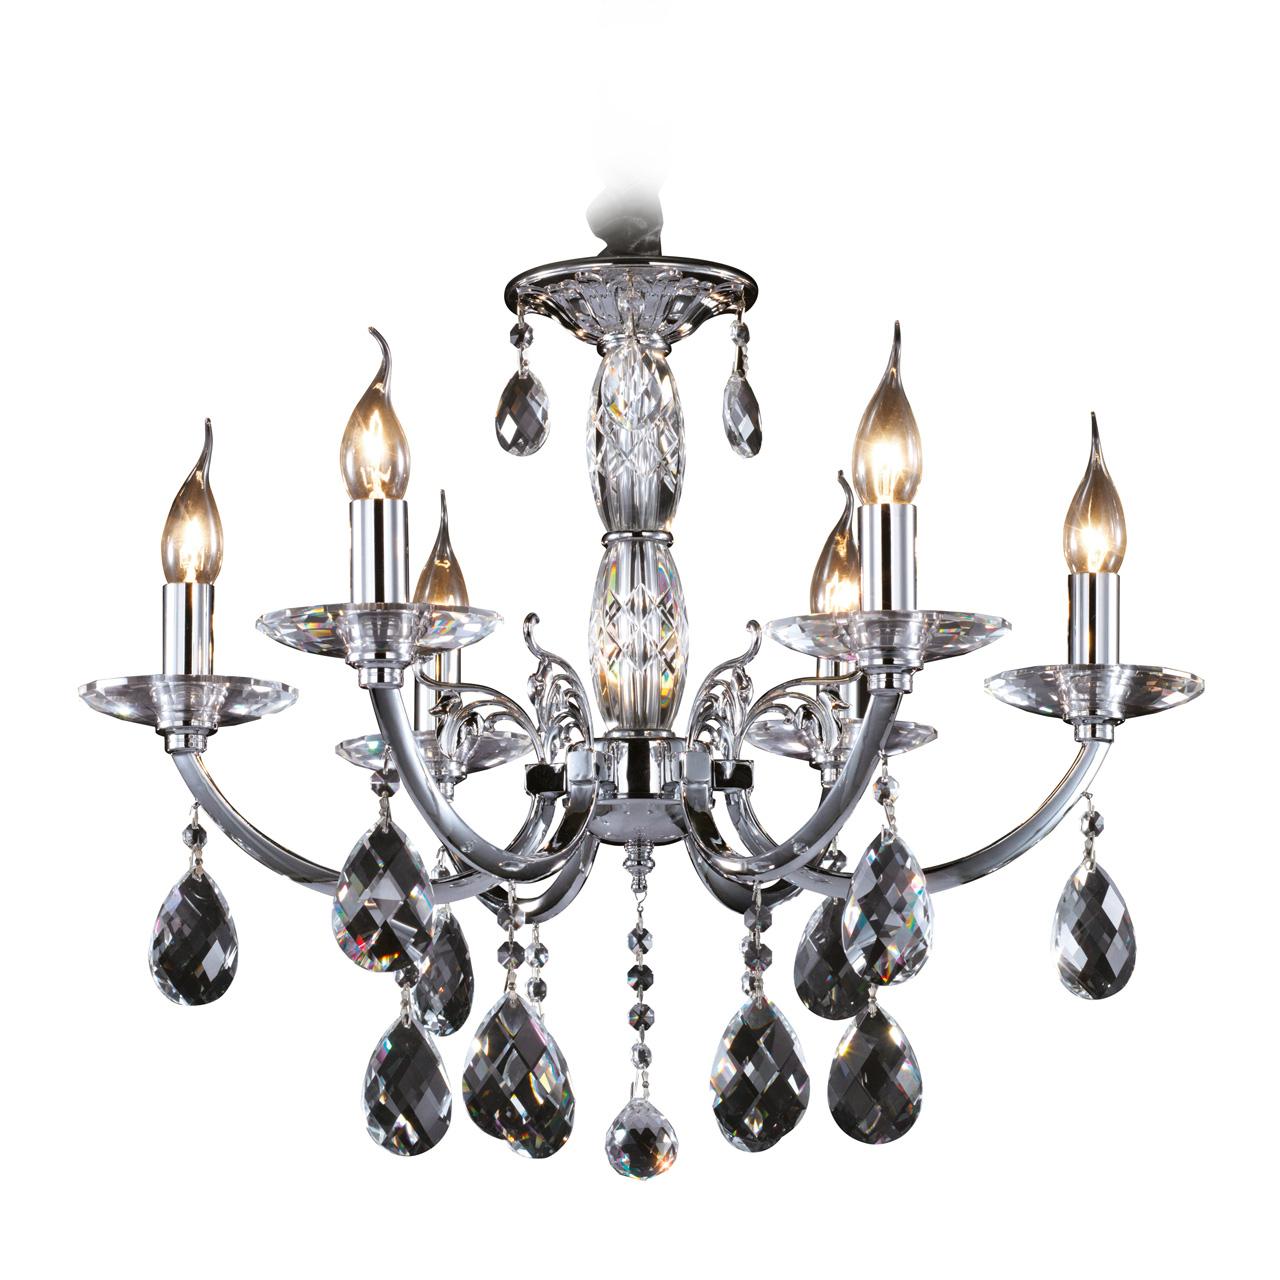 Подвесной светильник Osgona, E14, 240 Вт подвесная люстра osgona stregaro 694064